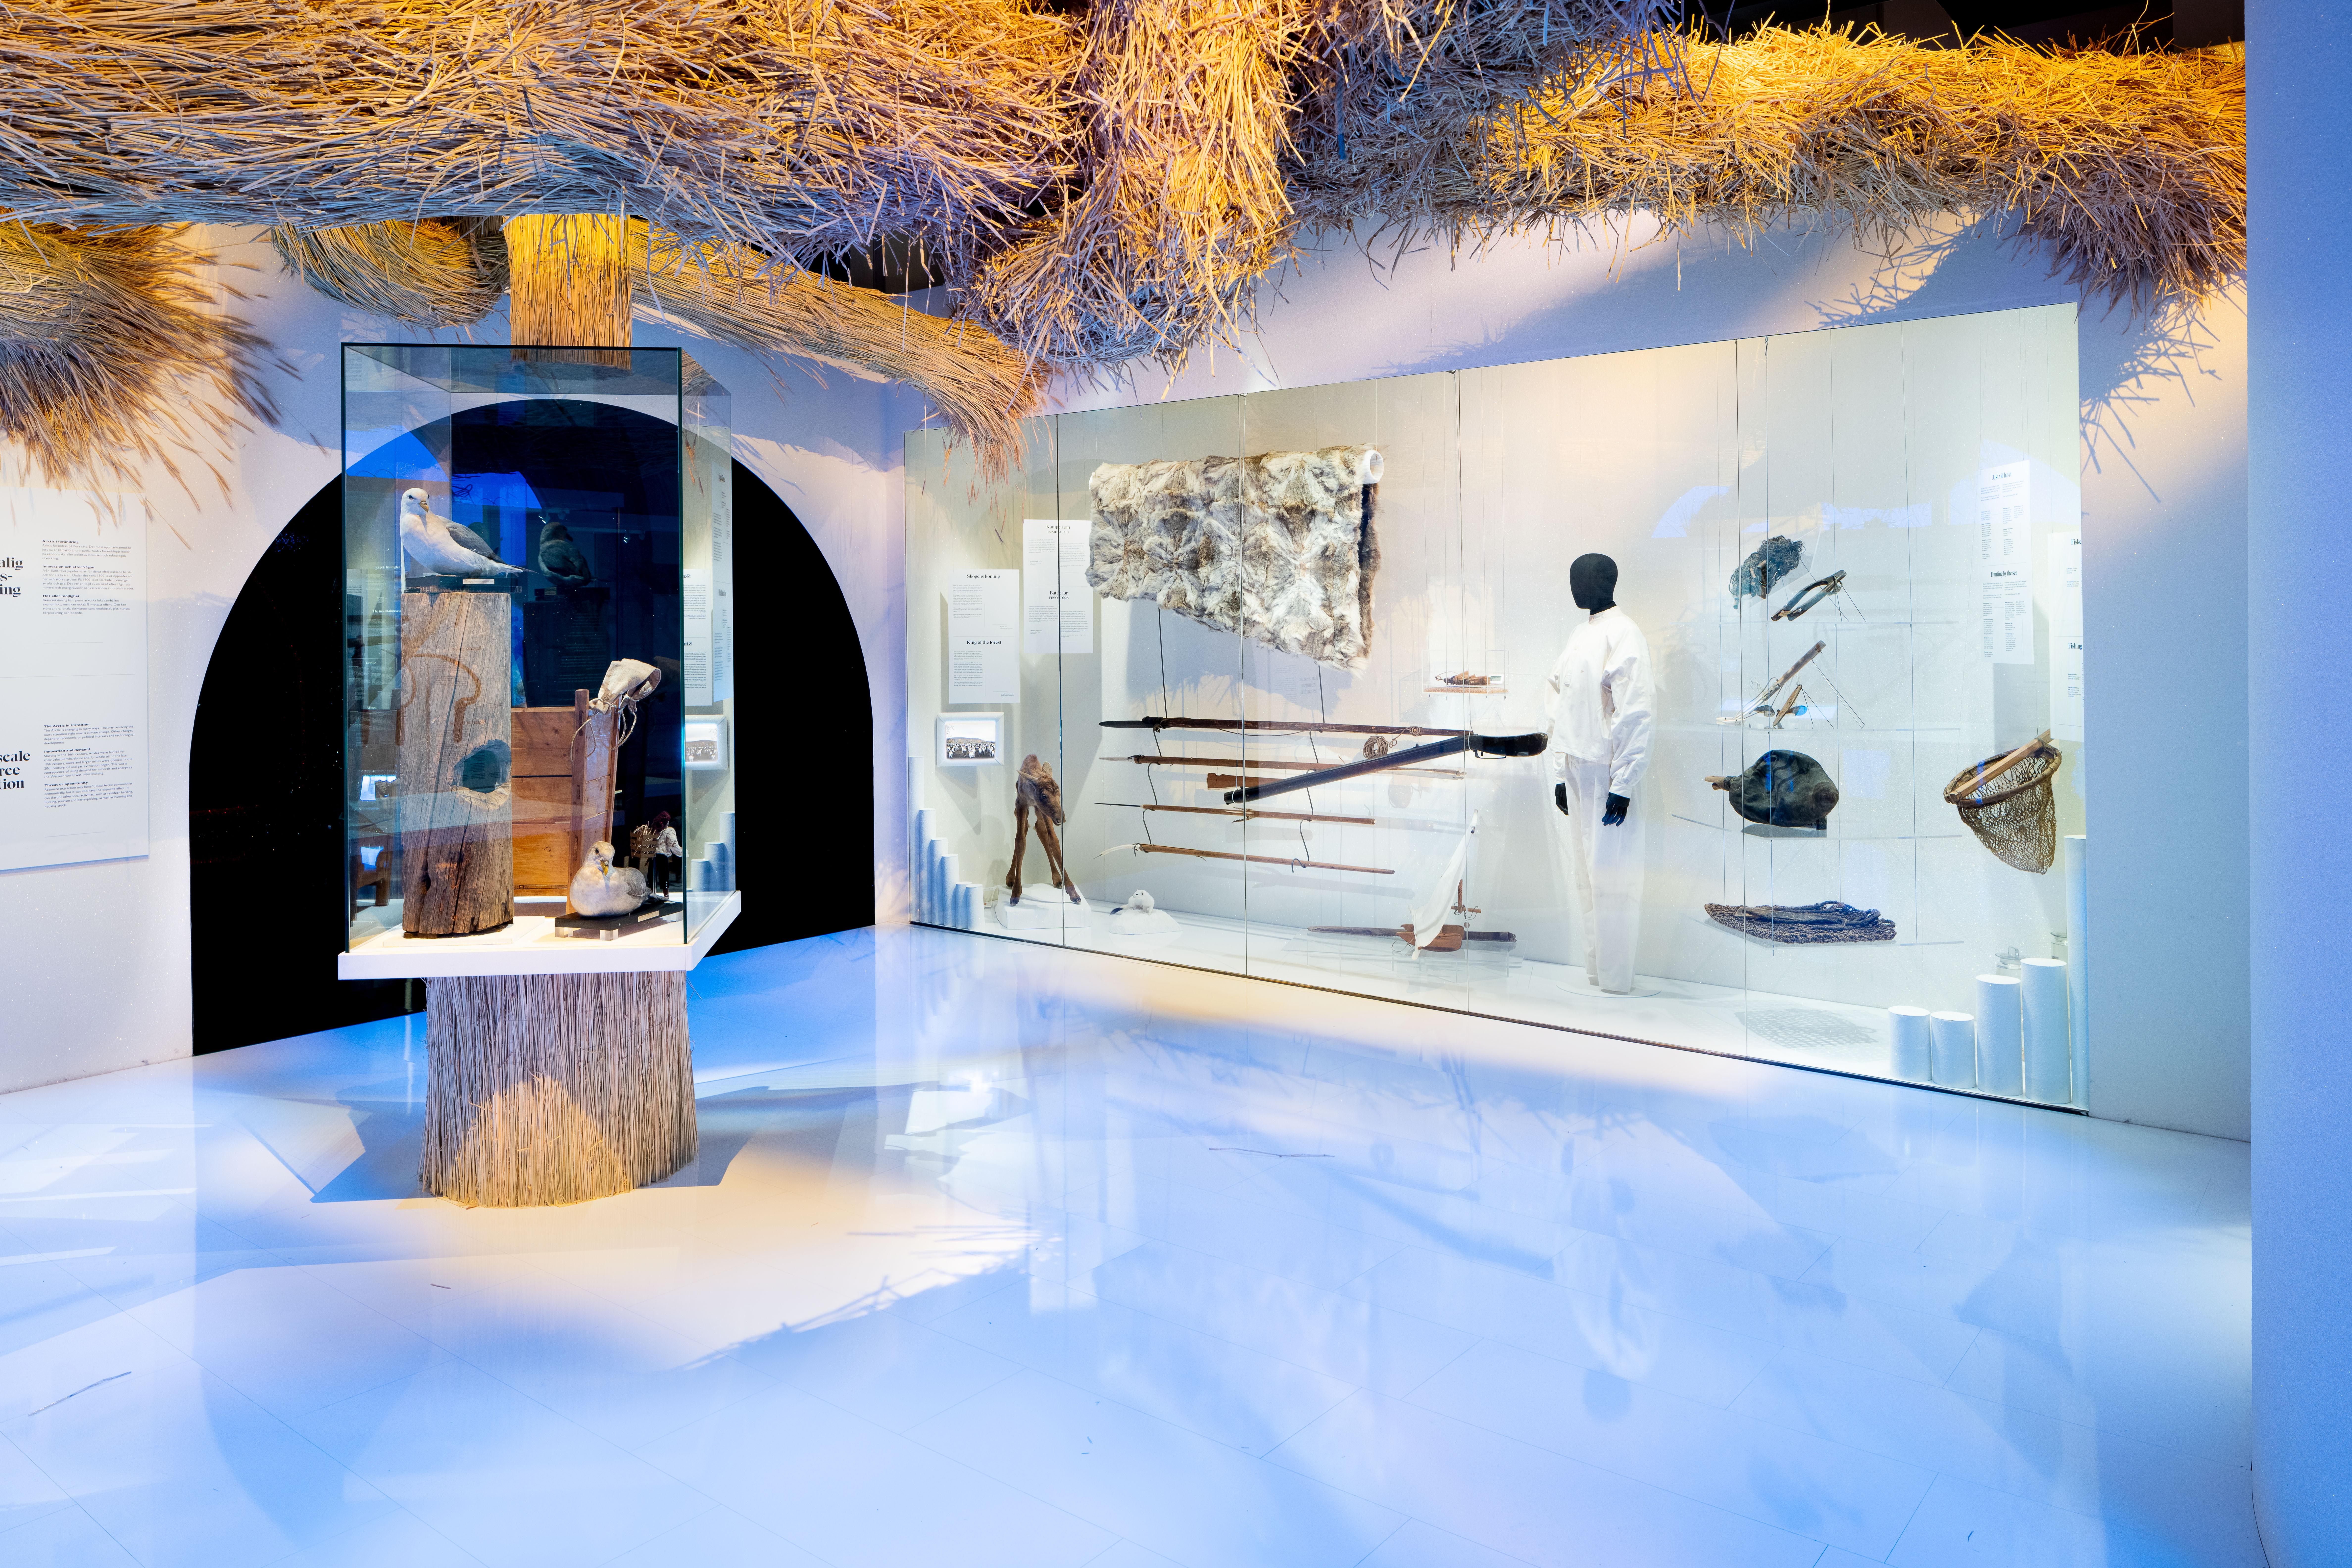 Vy över ett av utställningens rum. En monter på golvet med några föremål i, en monter i väggen med en jaktdräkt, vapen och vargfäll. Skulpturer av halm formade som rör hänger i taket.